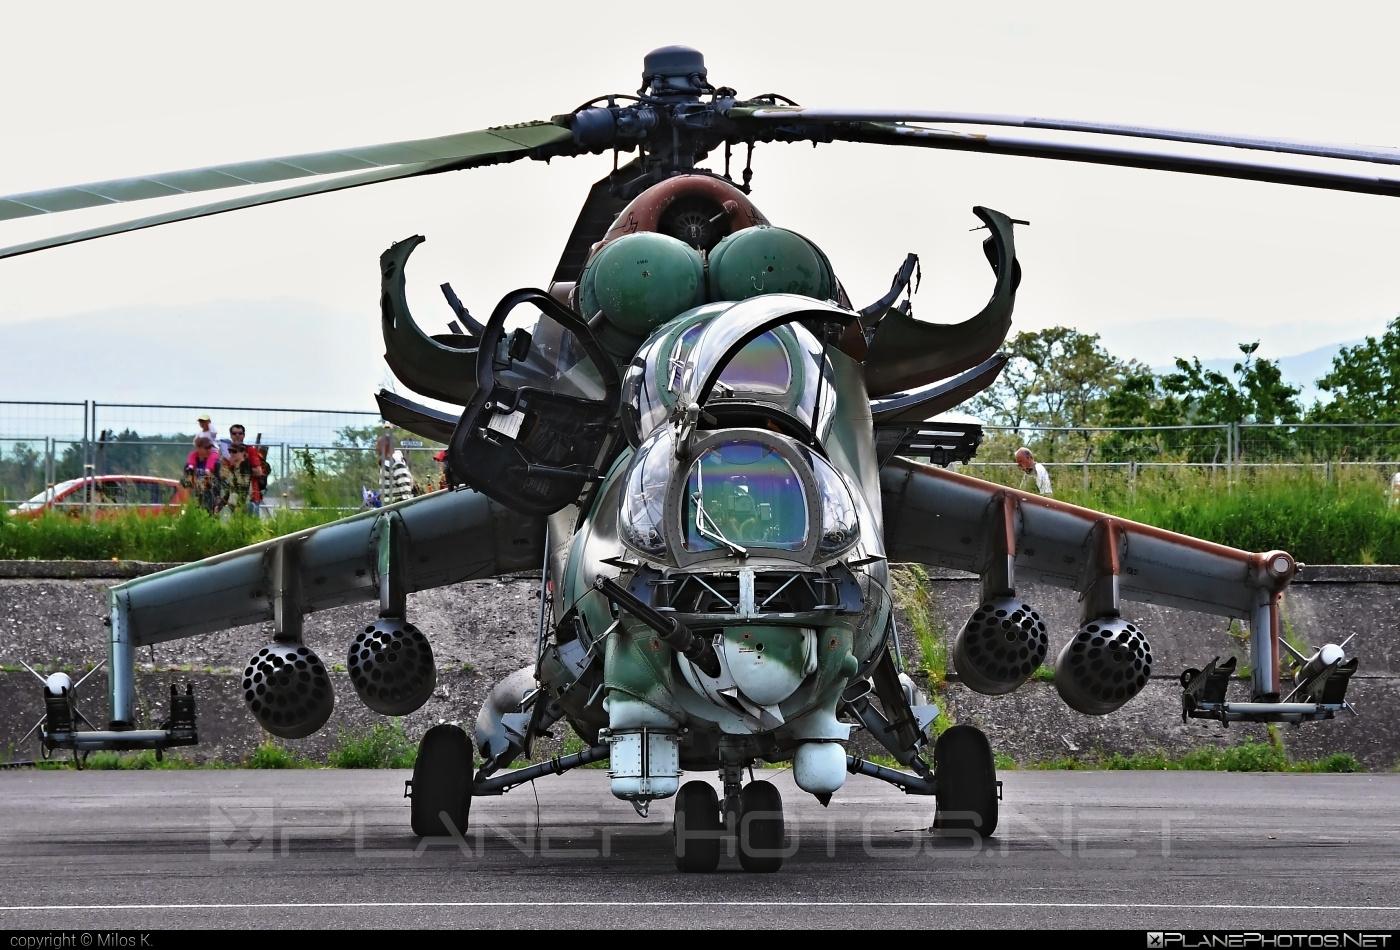 Vzdušné sily OS SR (Slovak Air Force) Mil Mi-24D - 0100 #mil #milhelicopters #slovakairforce #vzdusnesilyossr